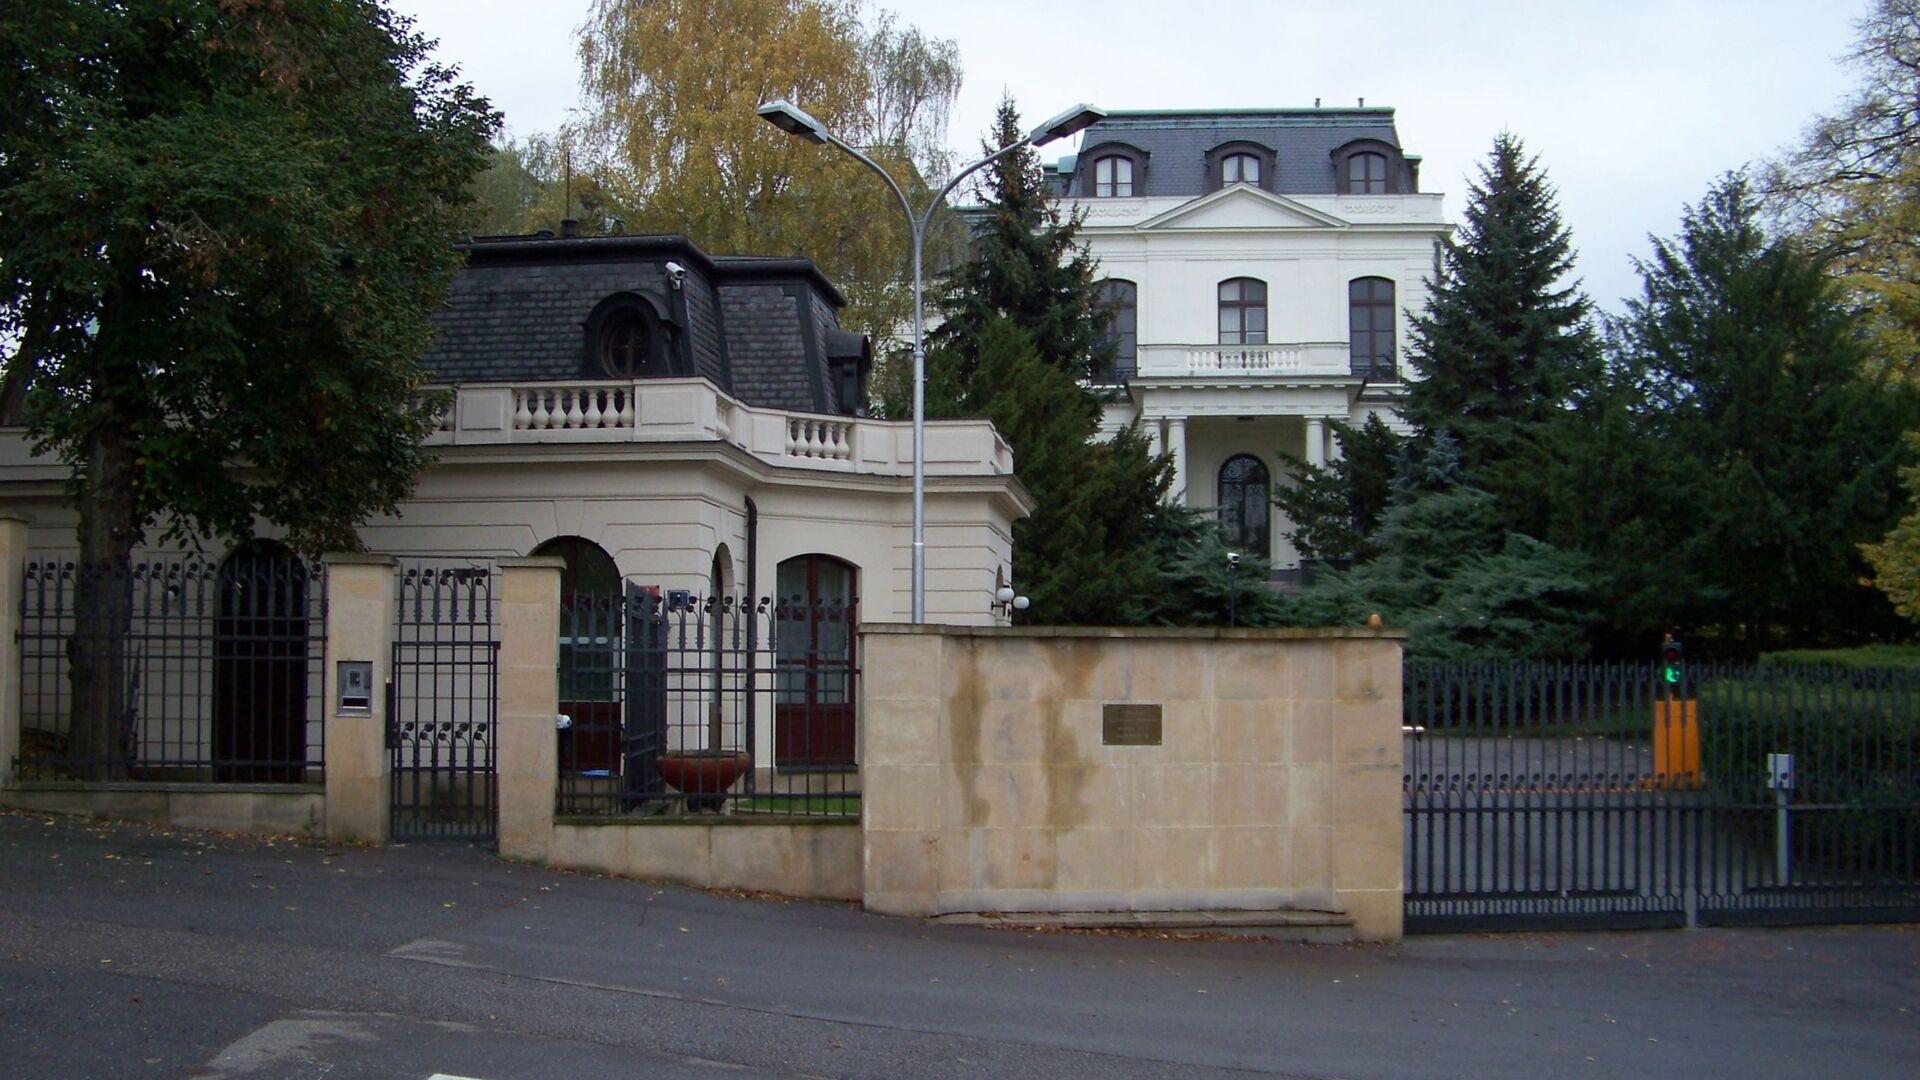 Náměstí Pod kaštany, velvyslanectví Ruské federace - Sputnik Česká republika, 1920, 18.09.2021